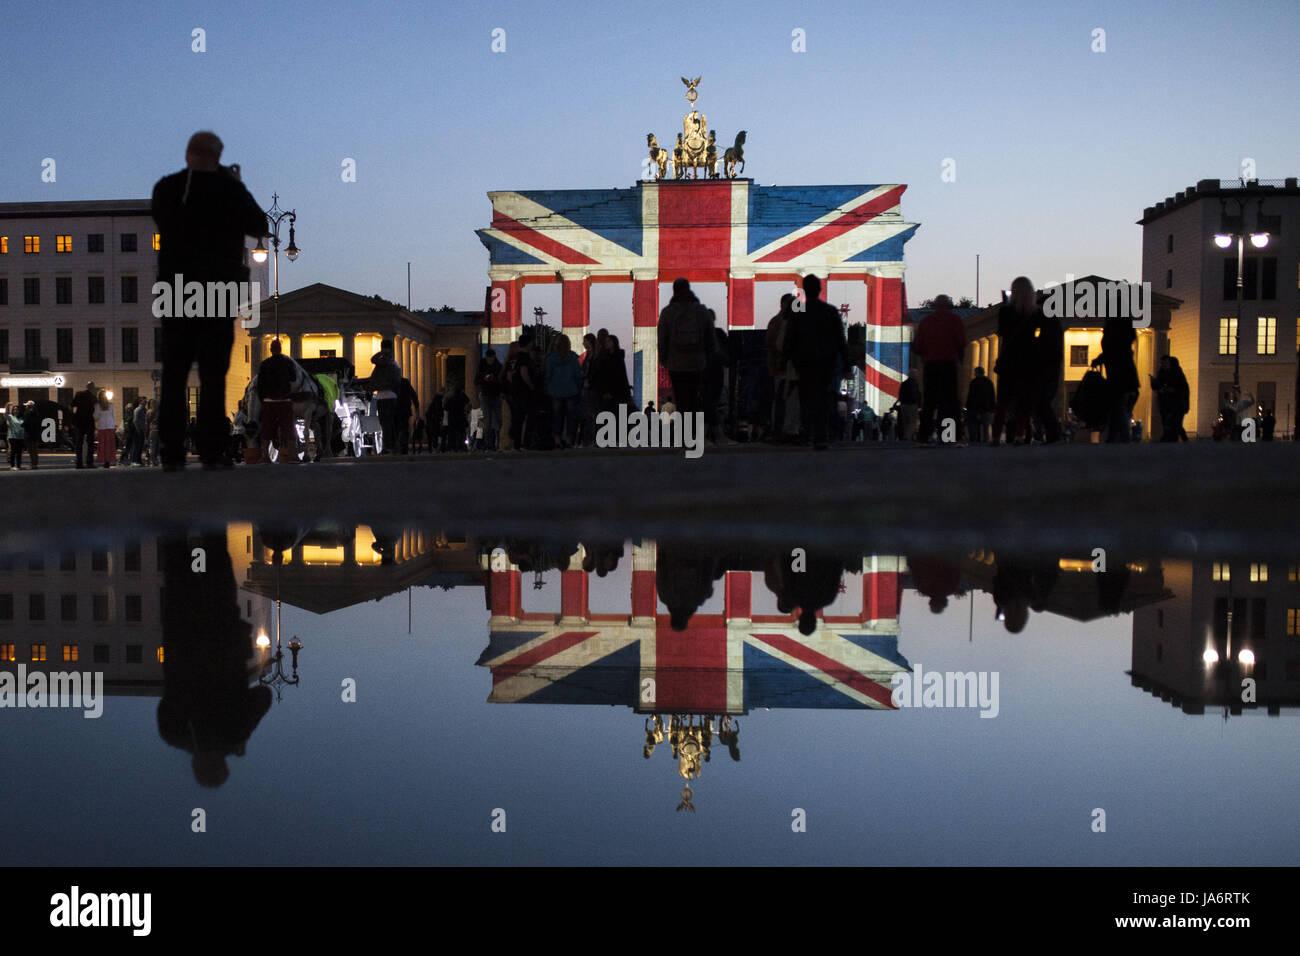 Berlino, Germania. Il 4 giugno, 2017. La Porta di Brandeburgo è visto illuminata con i colori della bandiera Immagini Stock